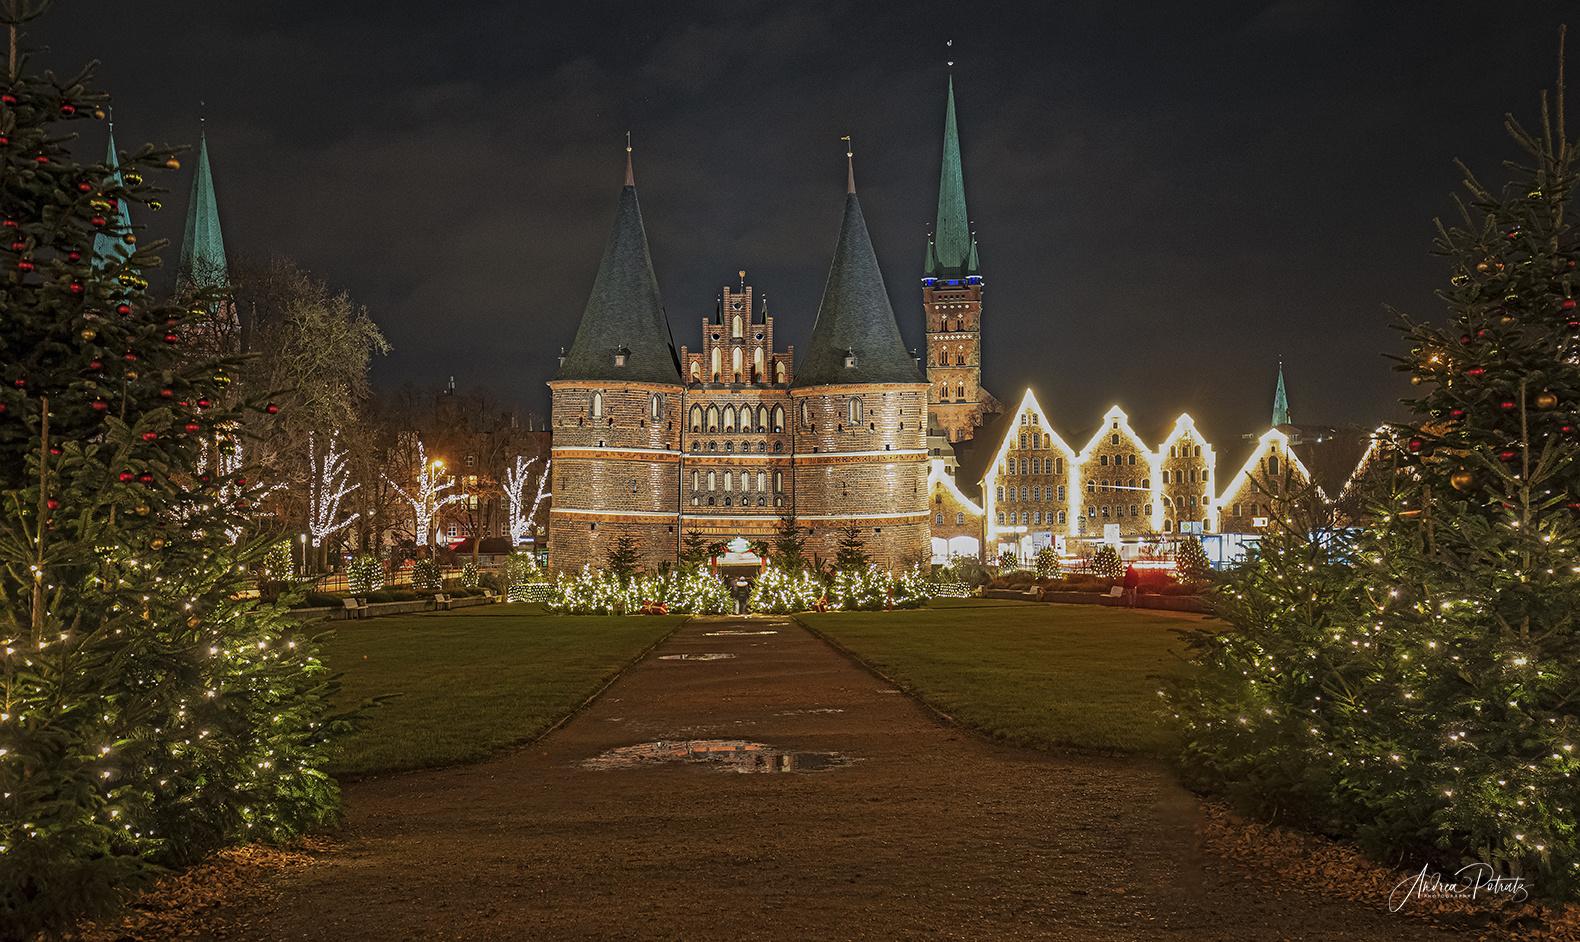 Weihnachtsstimmung am Holstentor in Lübeck